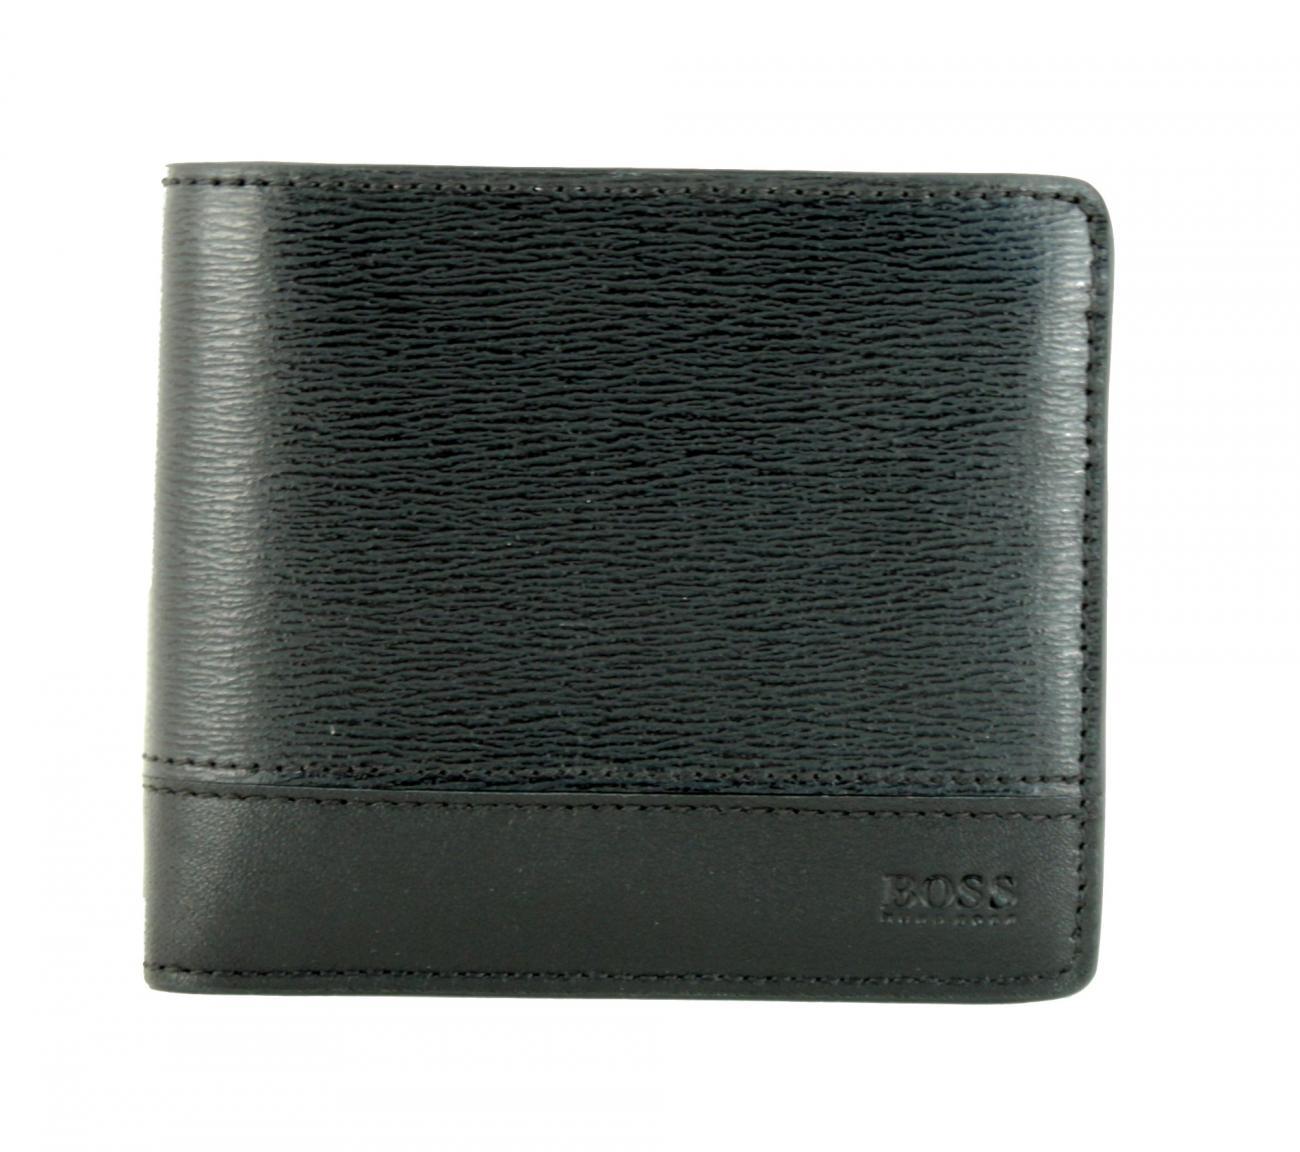 320c2b7480a60 Hugo Boss Focus Geldbeutel mit Münzfach Leder Schwarz - Bags   more